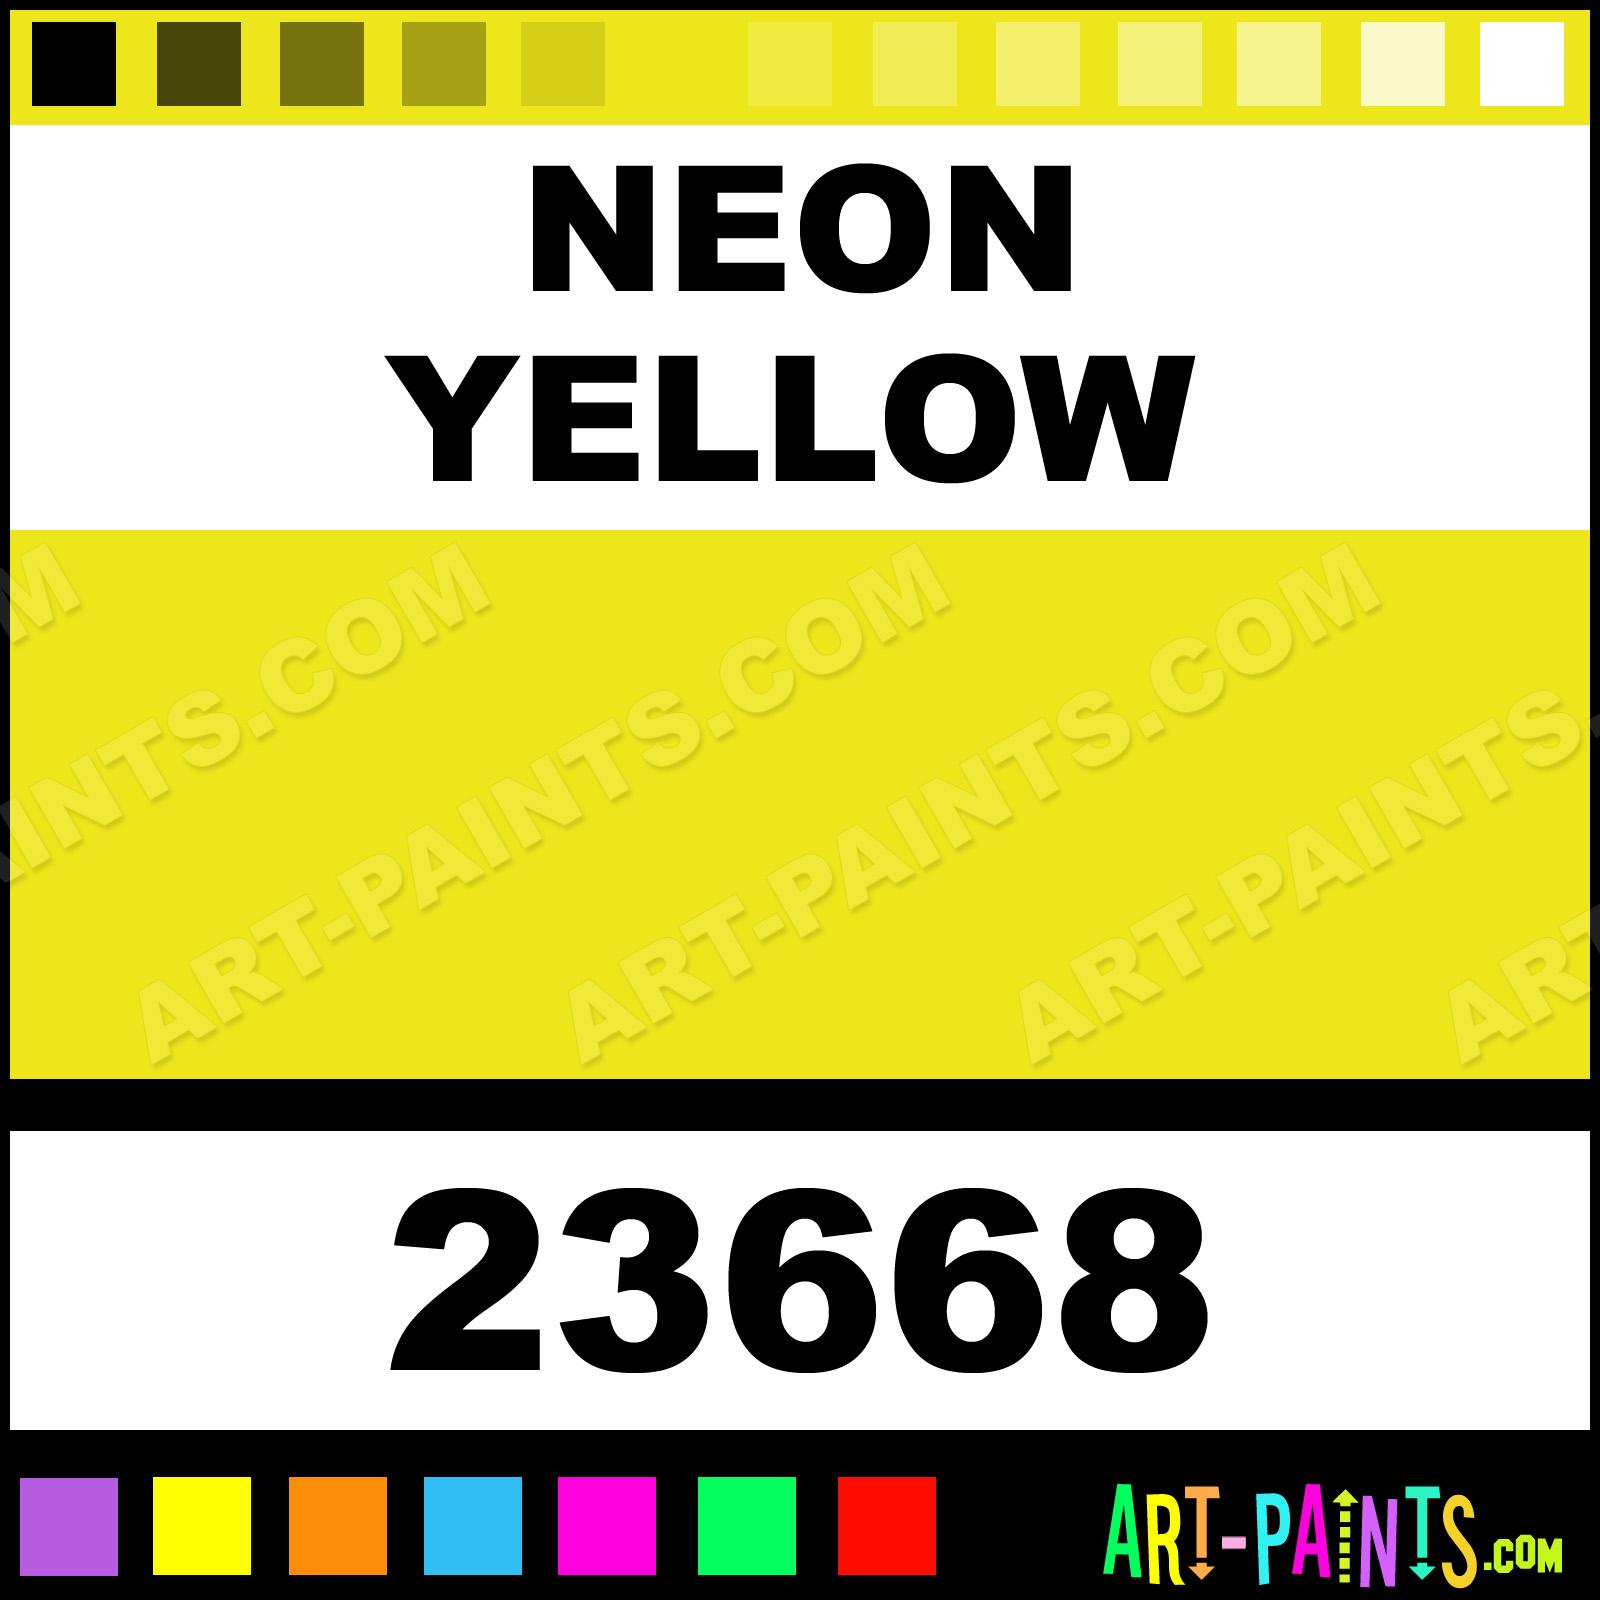 Neon Yellow Artist Acrylic Paints 23668 Neon Yellow